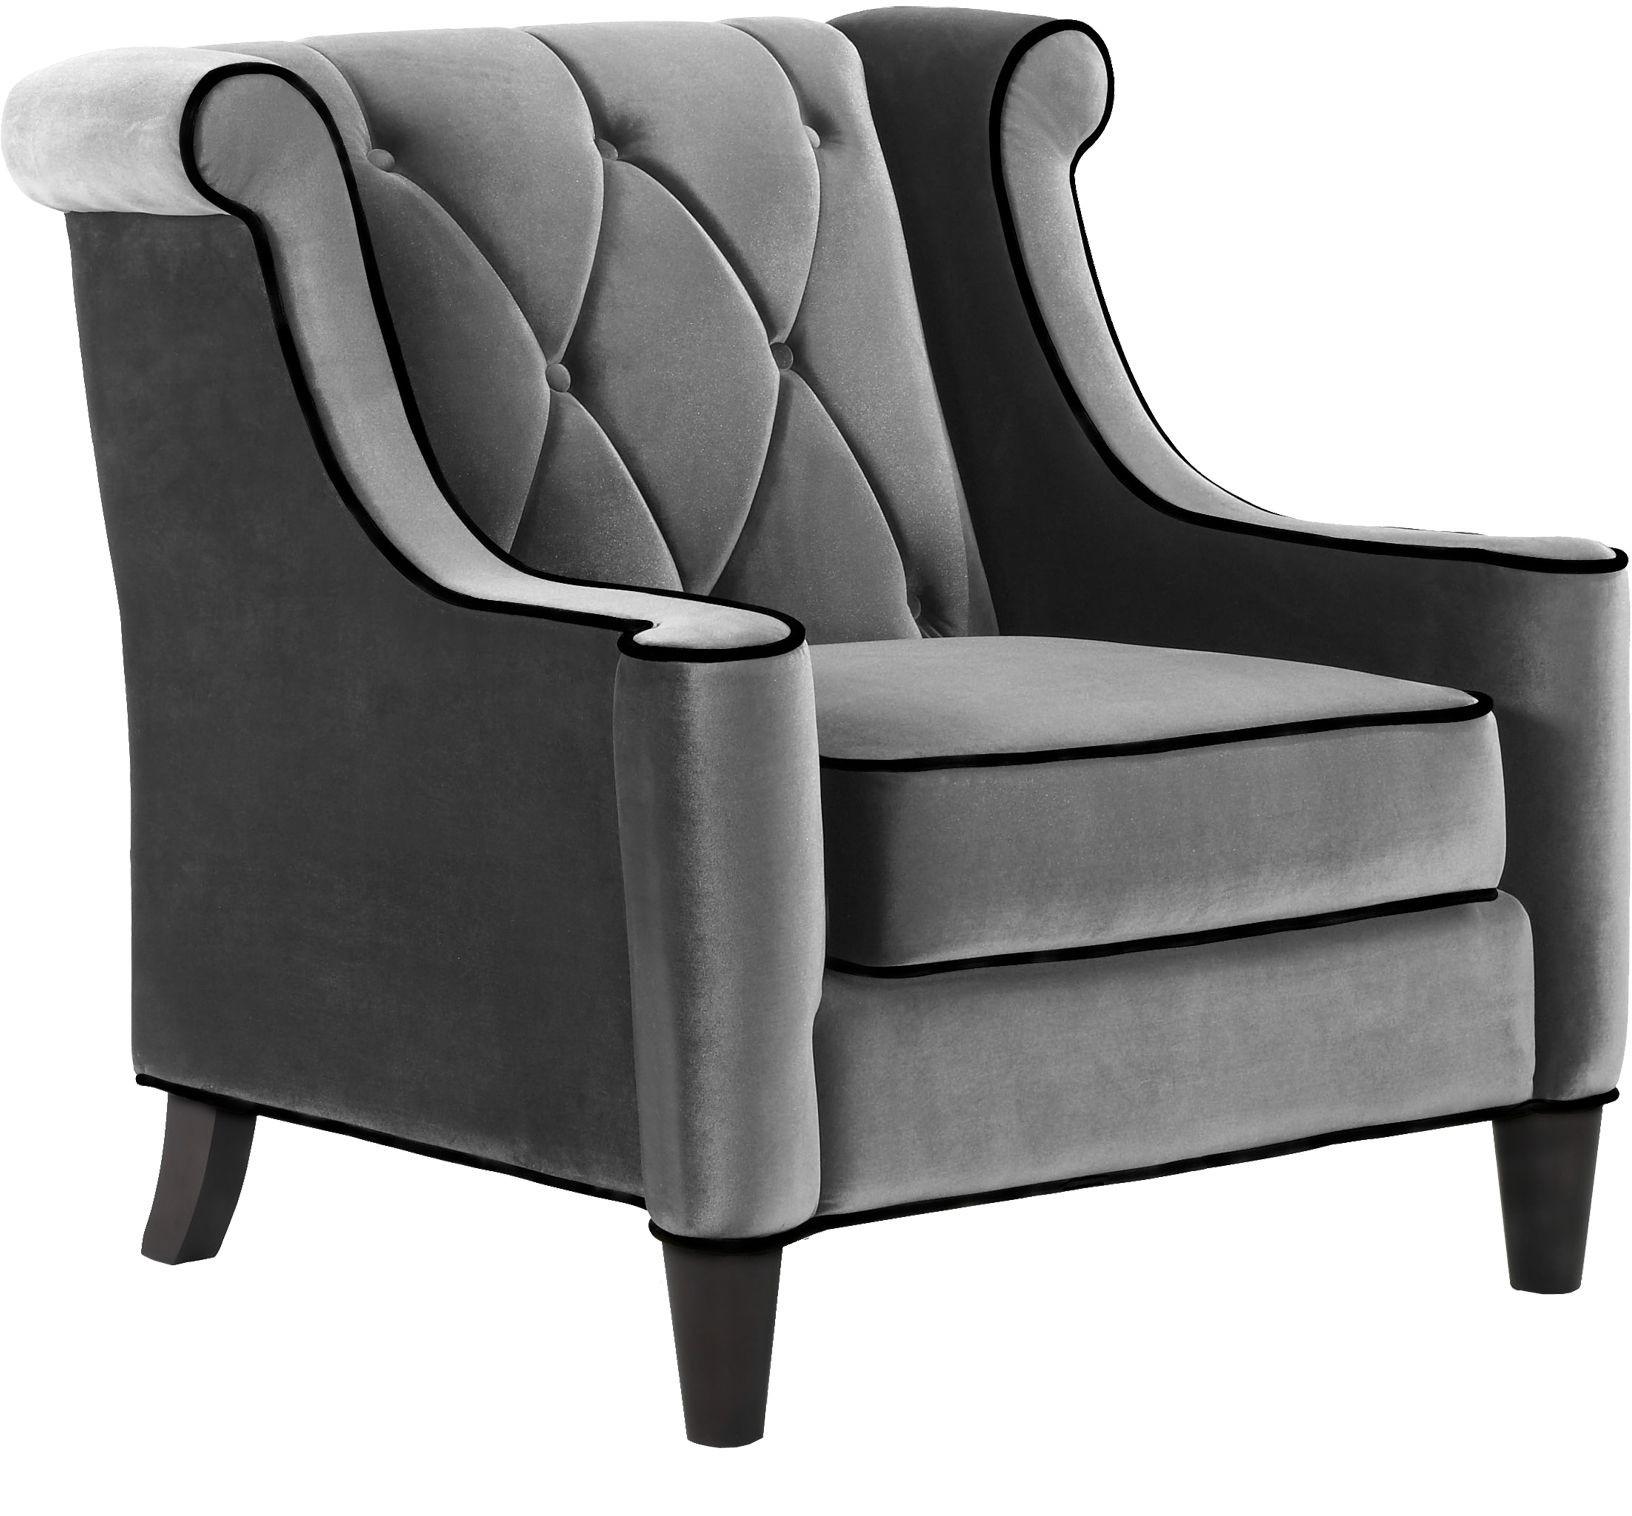 Barrister Gray Velvet Chair from Armen Living  Coleman